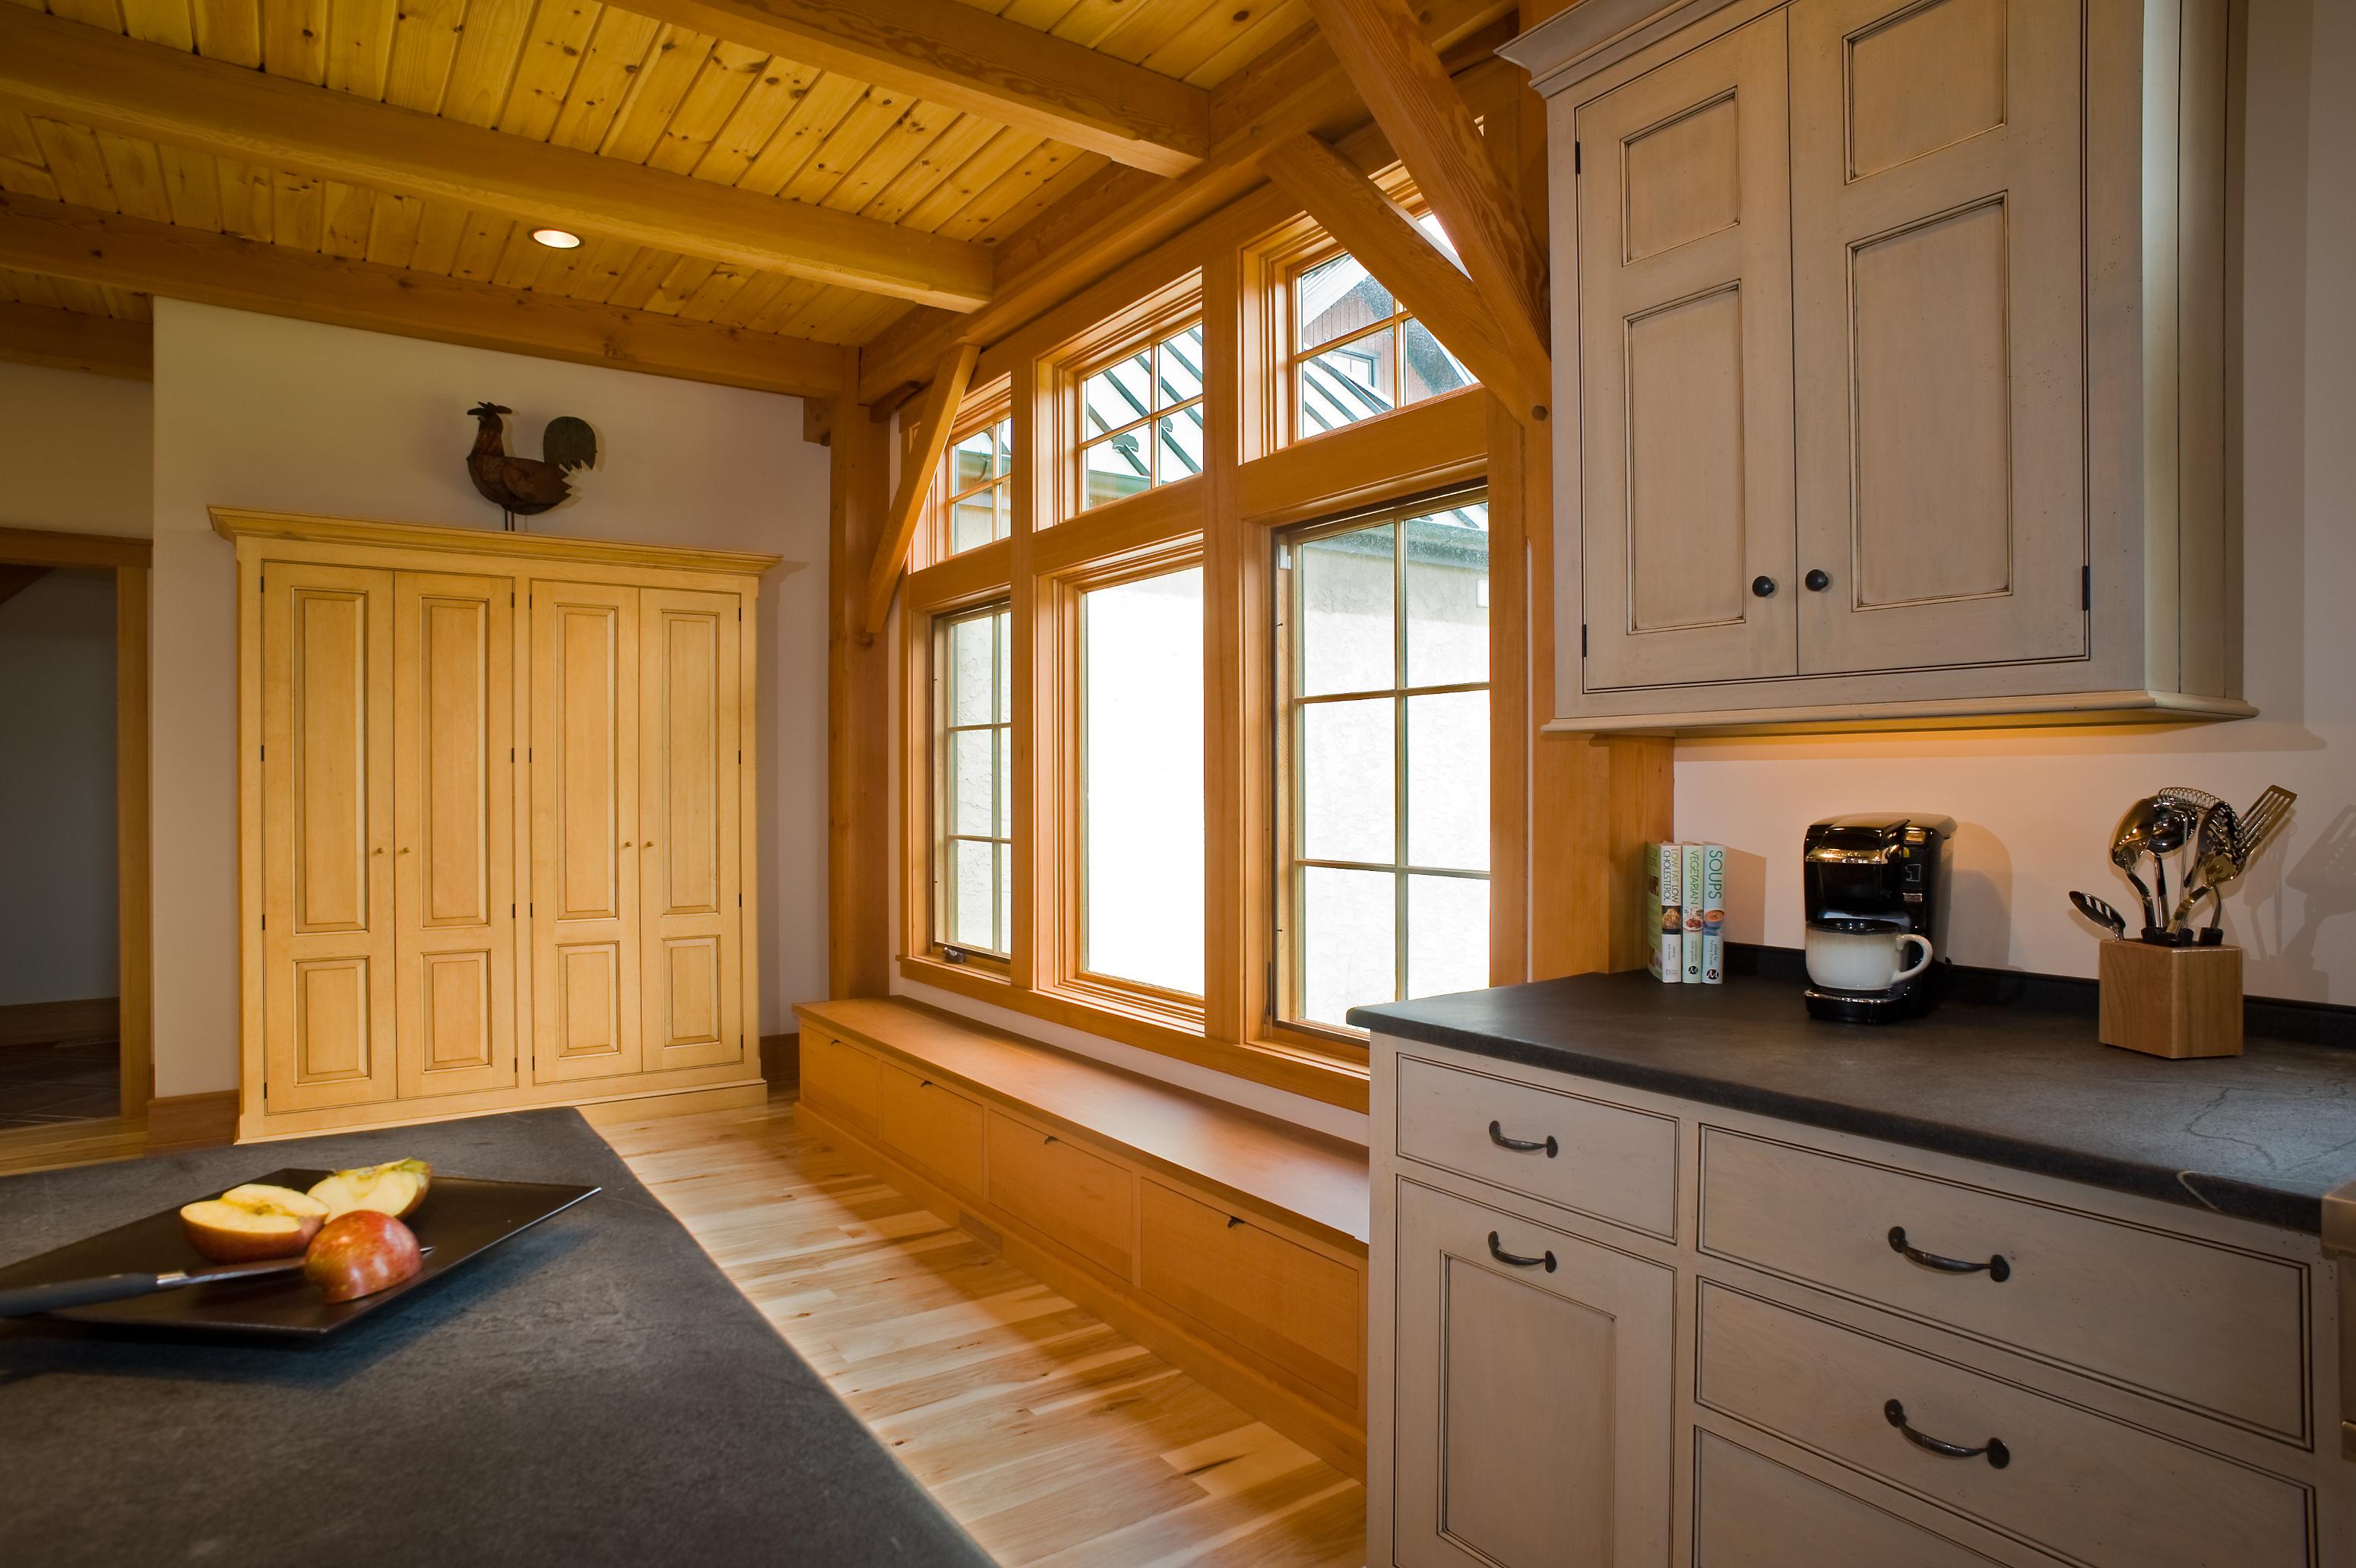 Reinholds Custom Home